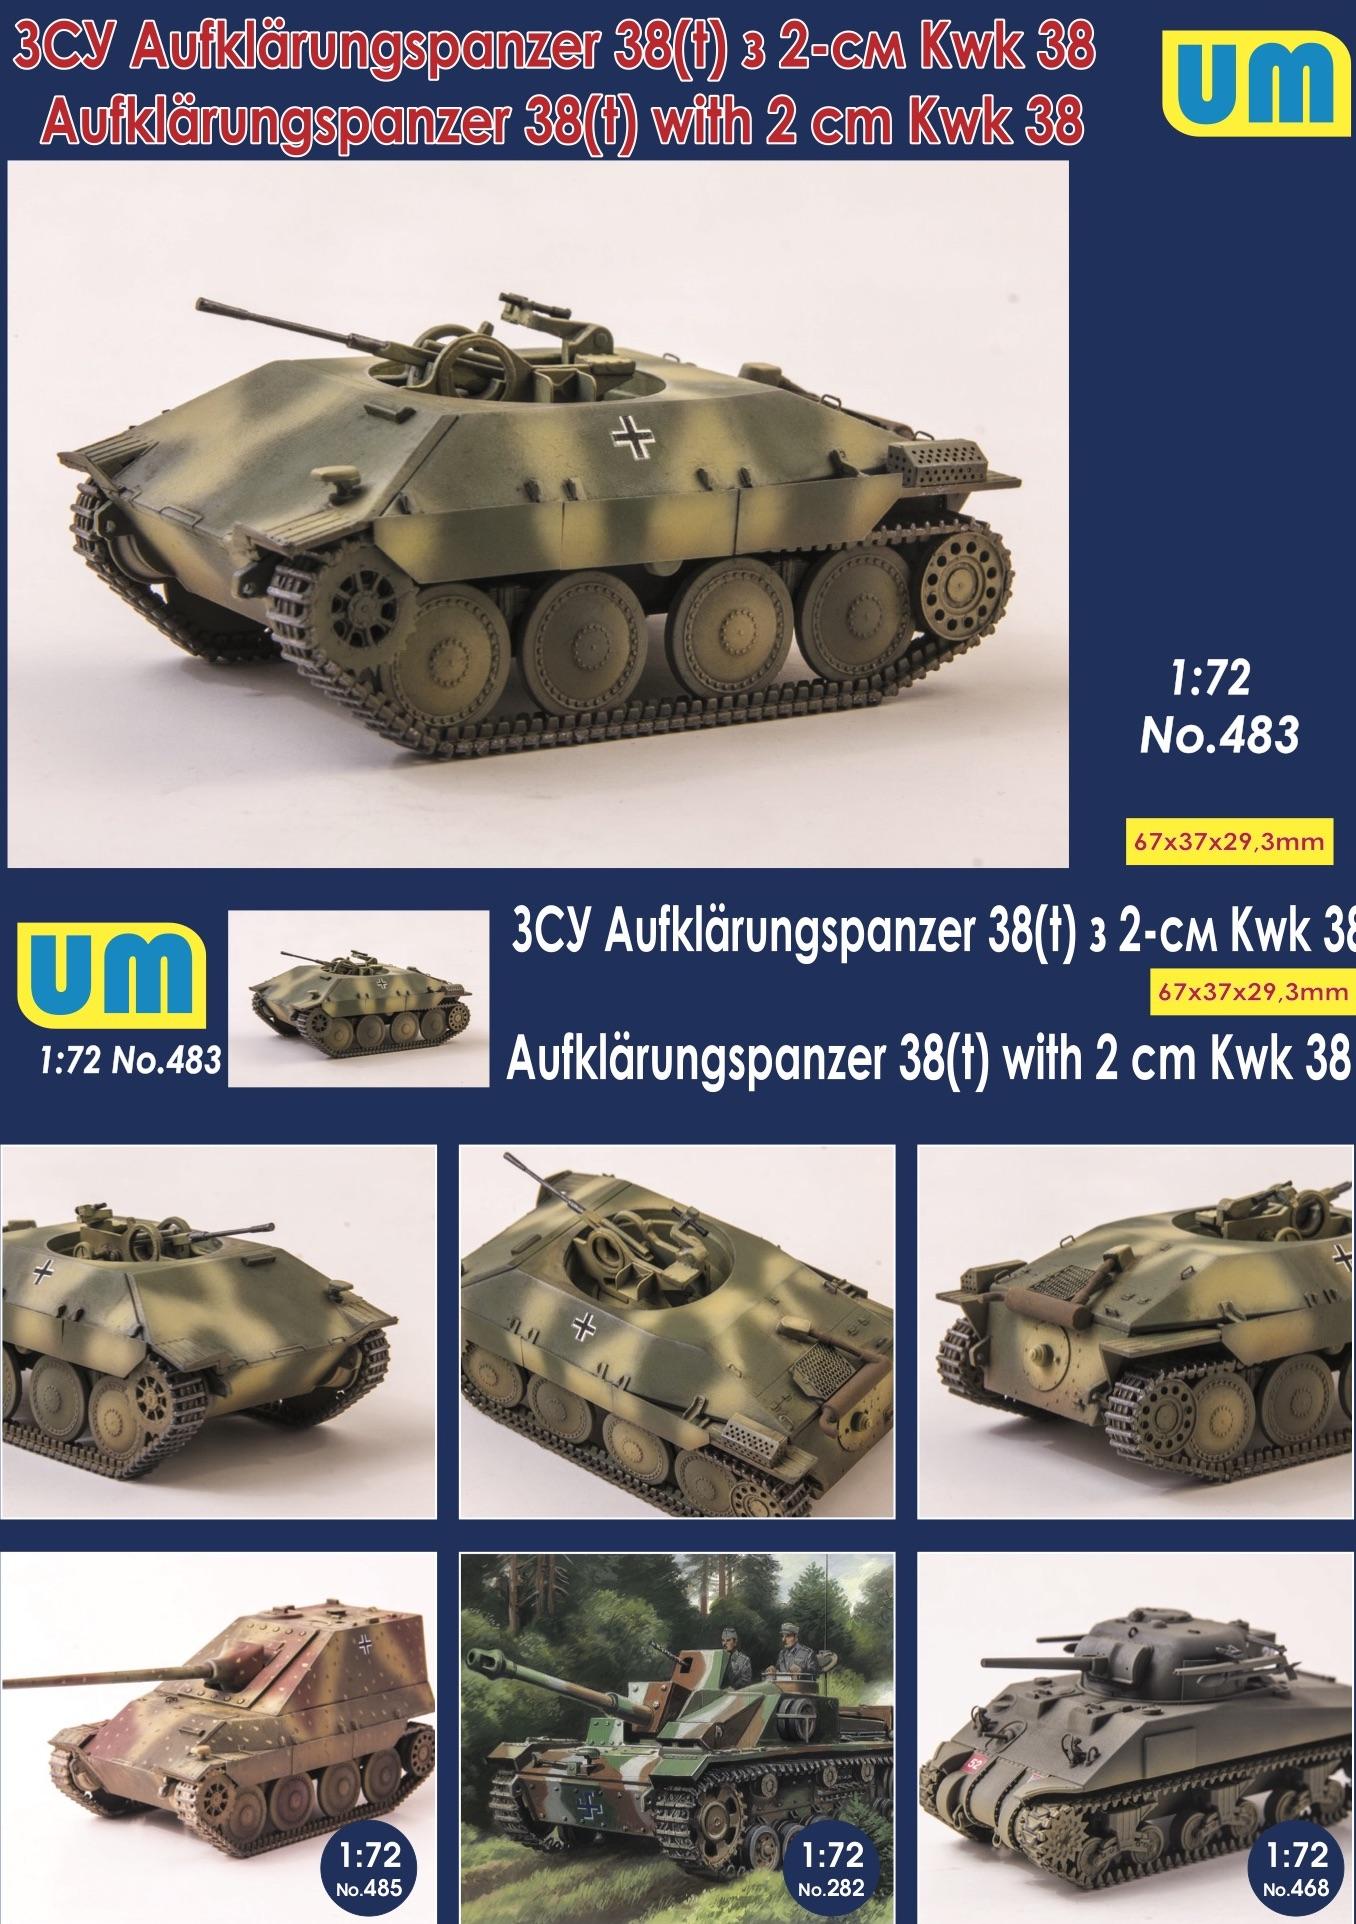 UNIM483